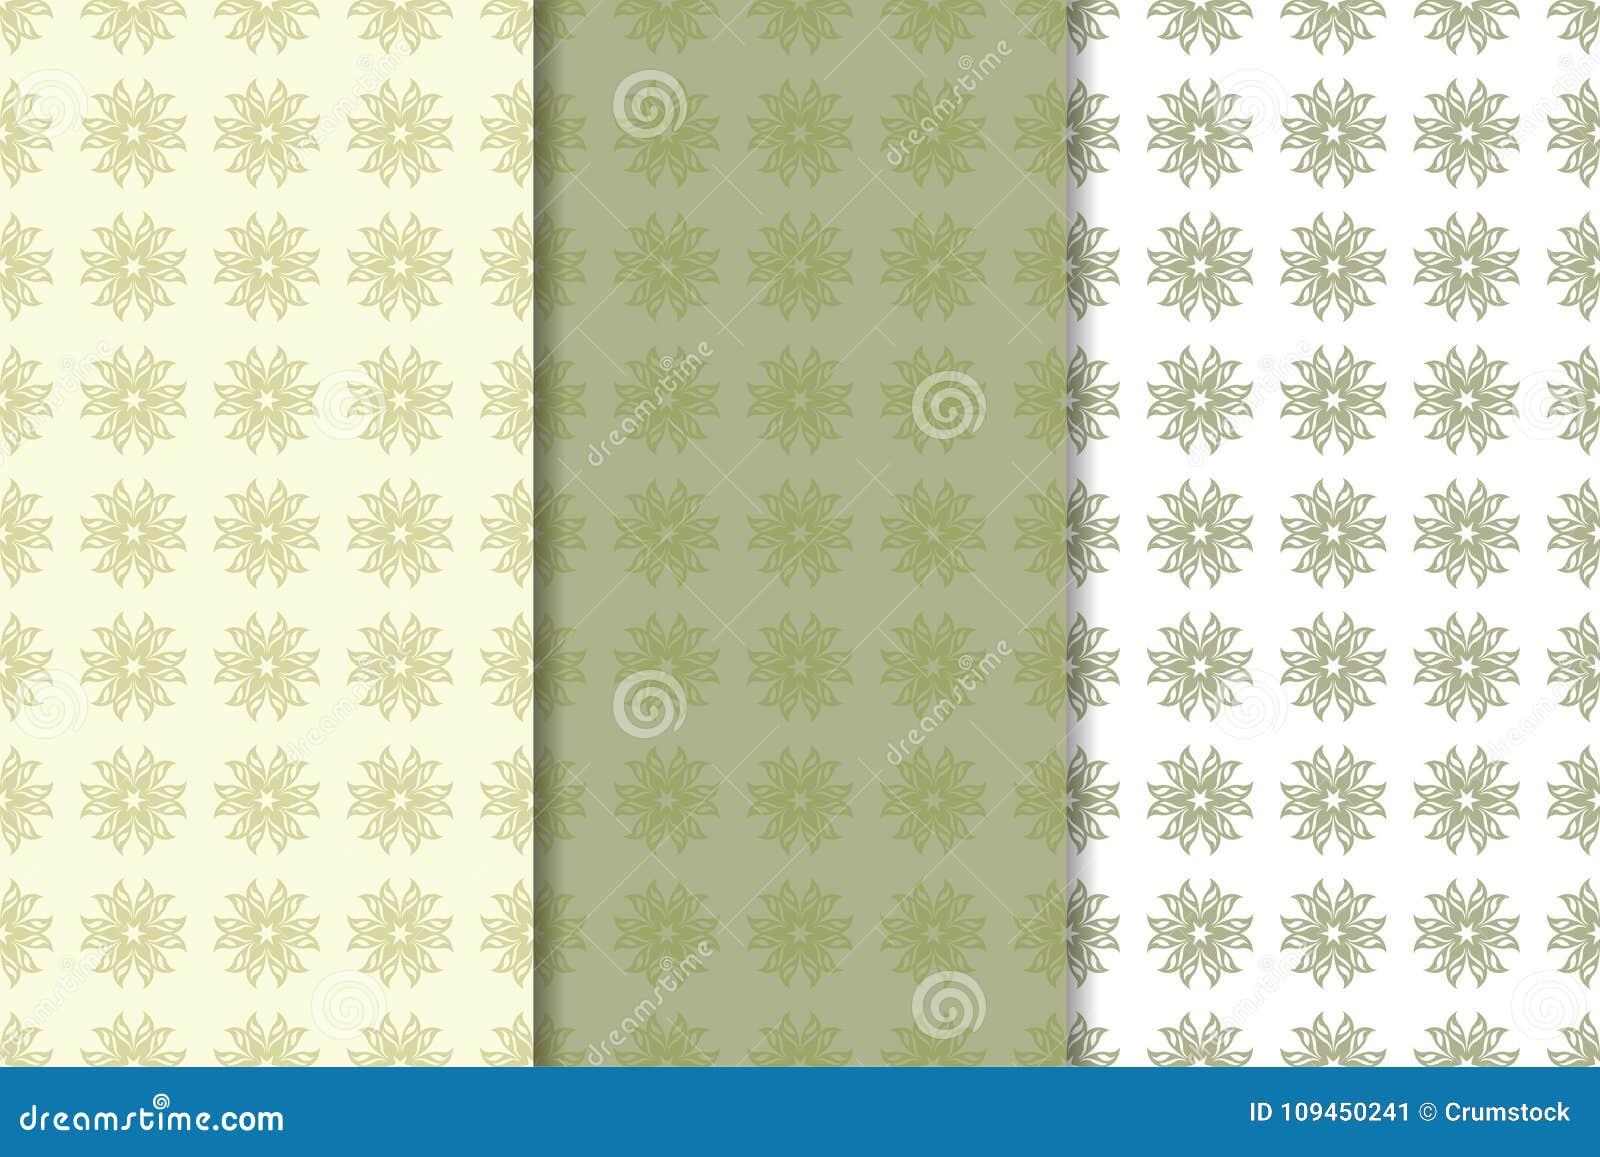 Комплект предпосылок прованского зеленого цвета флористических делает по образцу безшовное